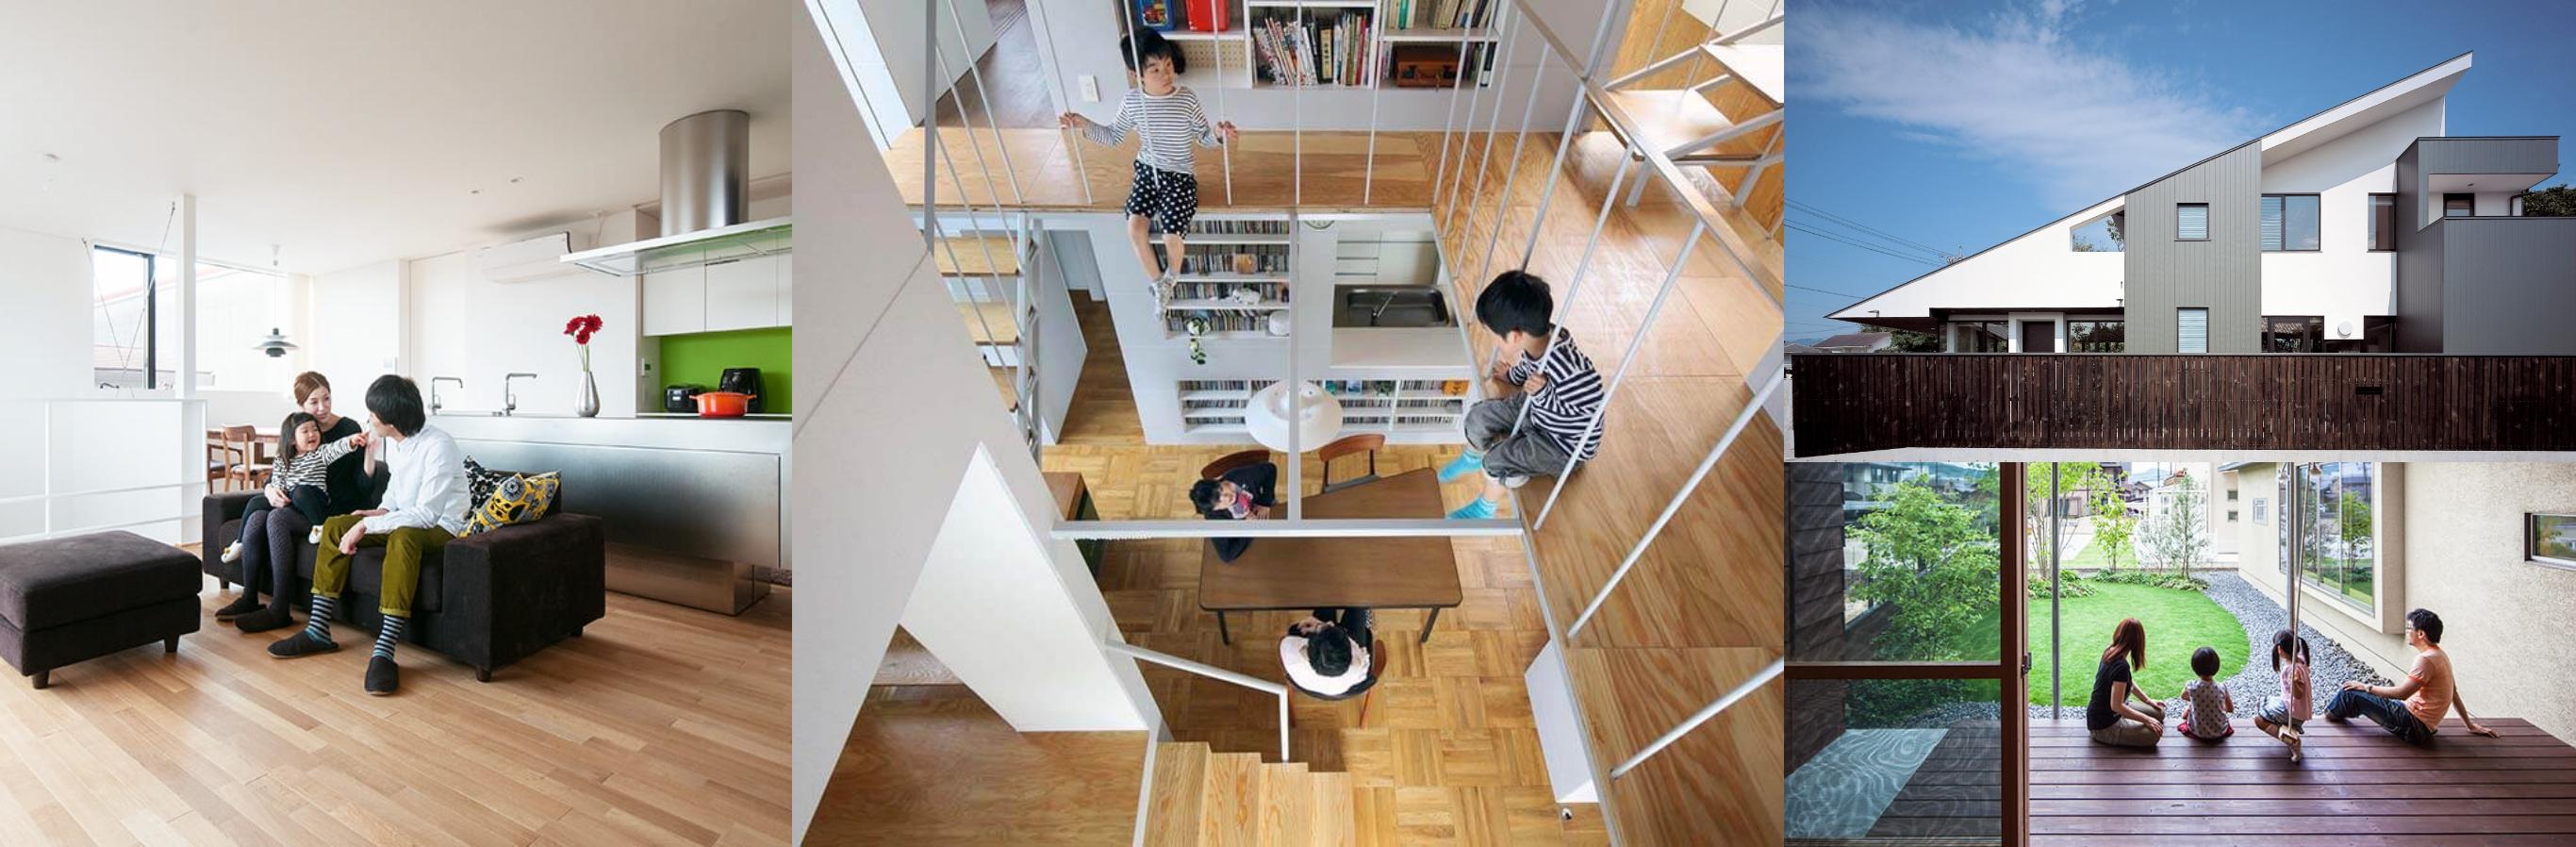 ダミーテキスト一生に一度のマイホームだからこそ理想の一邸を造りたい。